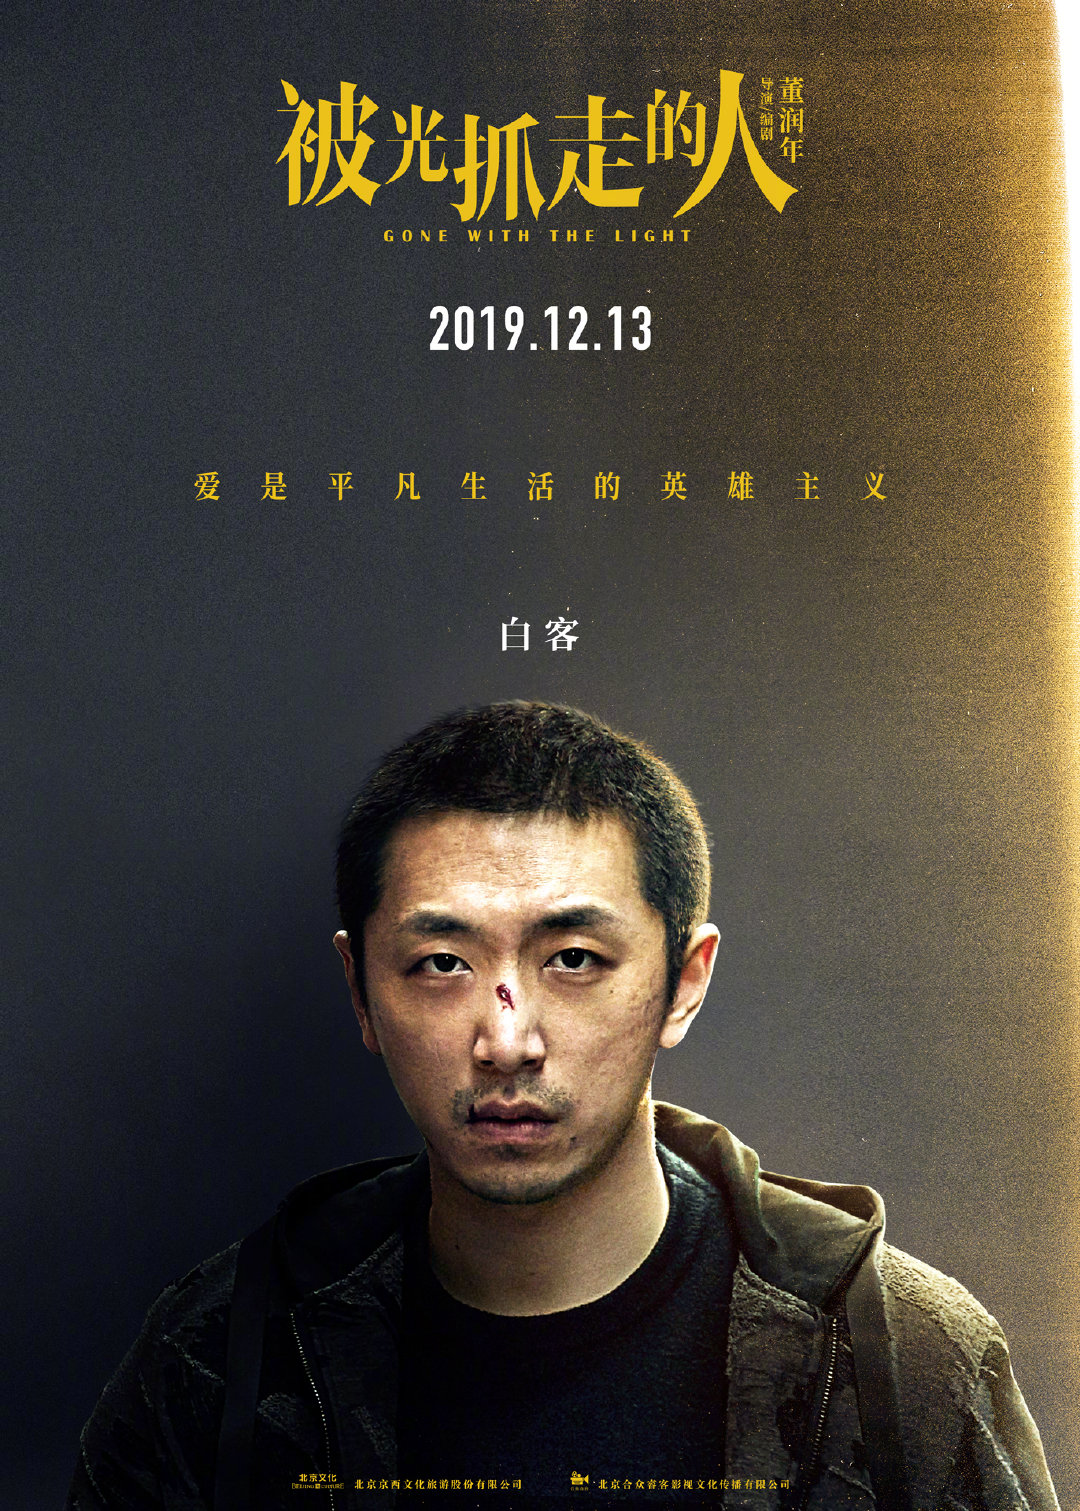 董润年导演的新片《被光抓走的人》发布角色海报